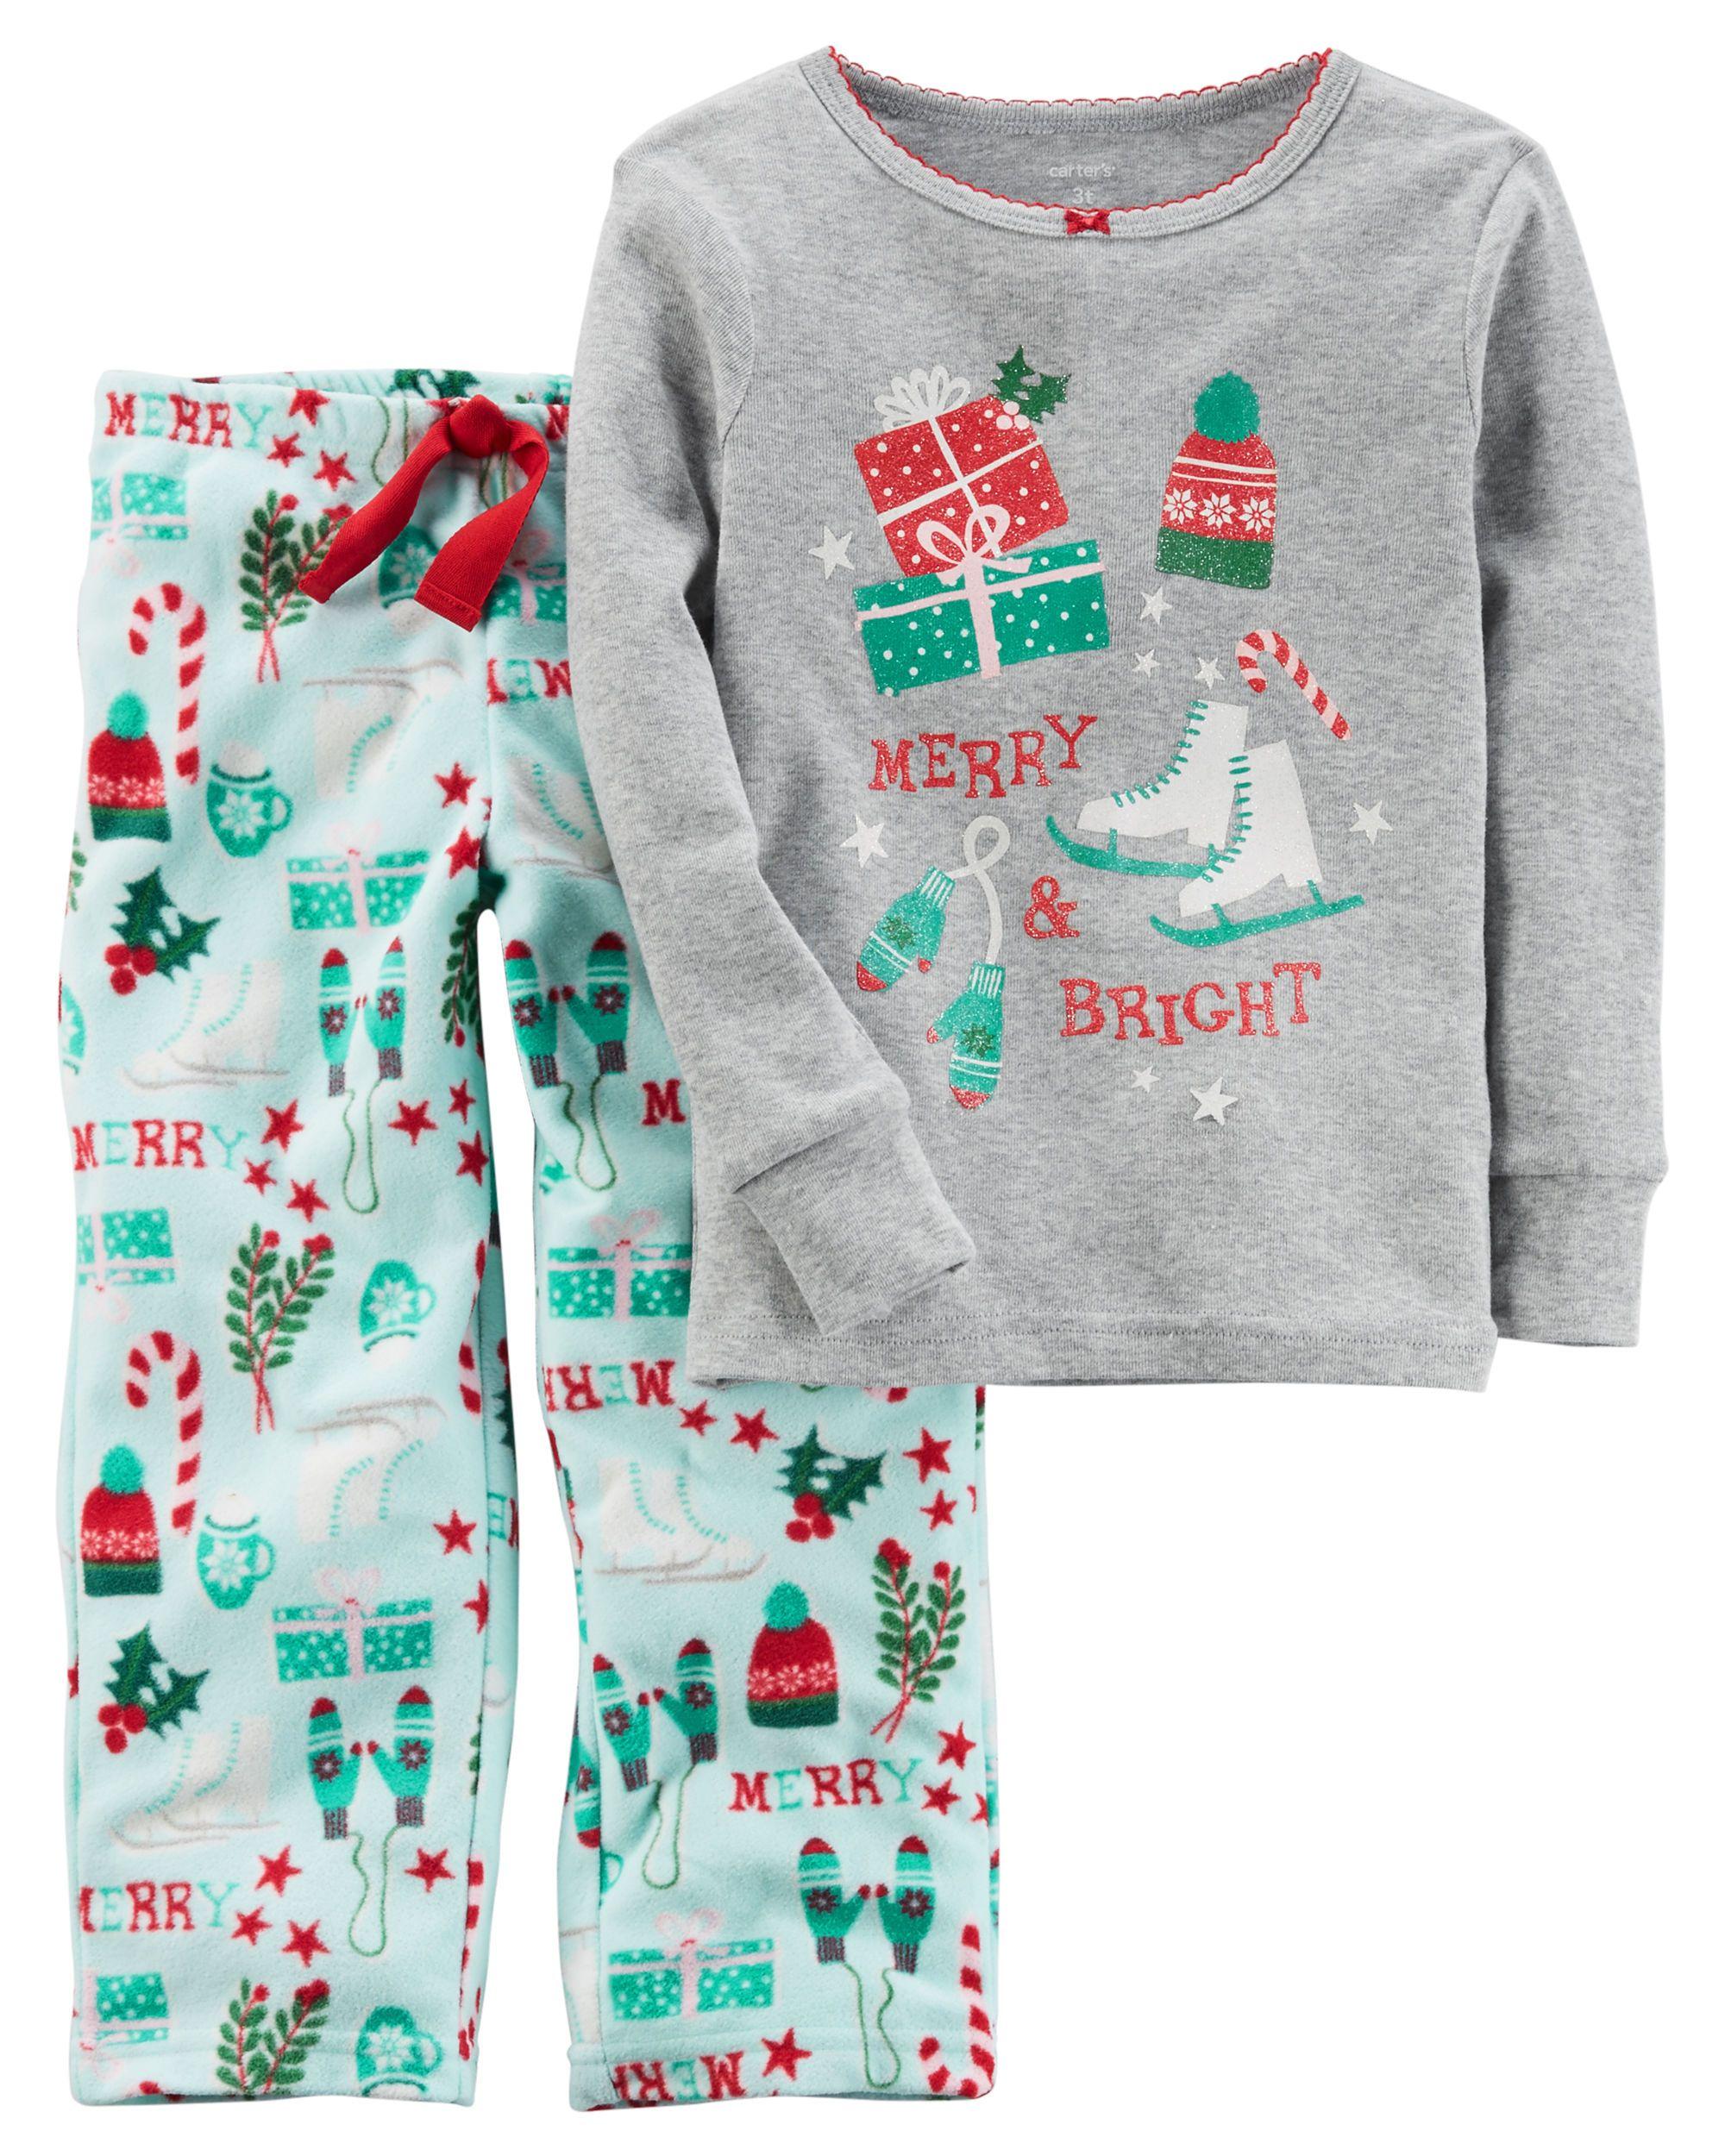 9e69a3544 2-Piece Christmas Cotton   Fleece PJs